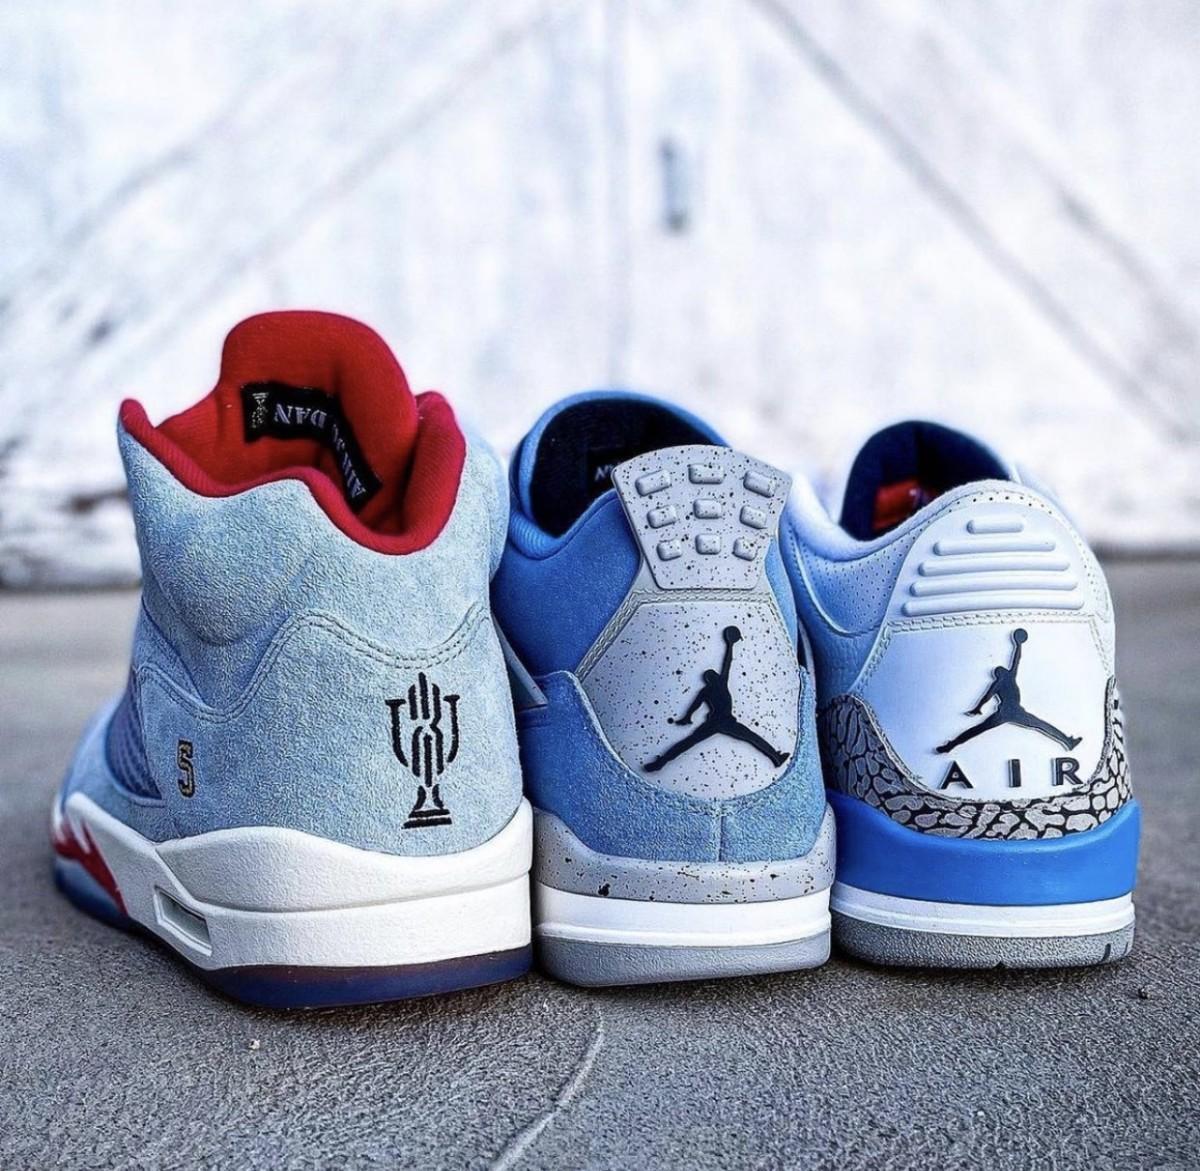 Air Jordan, la moda retro